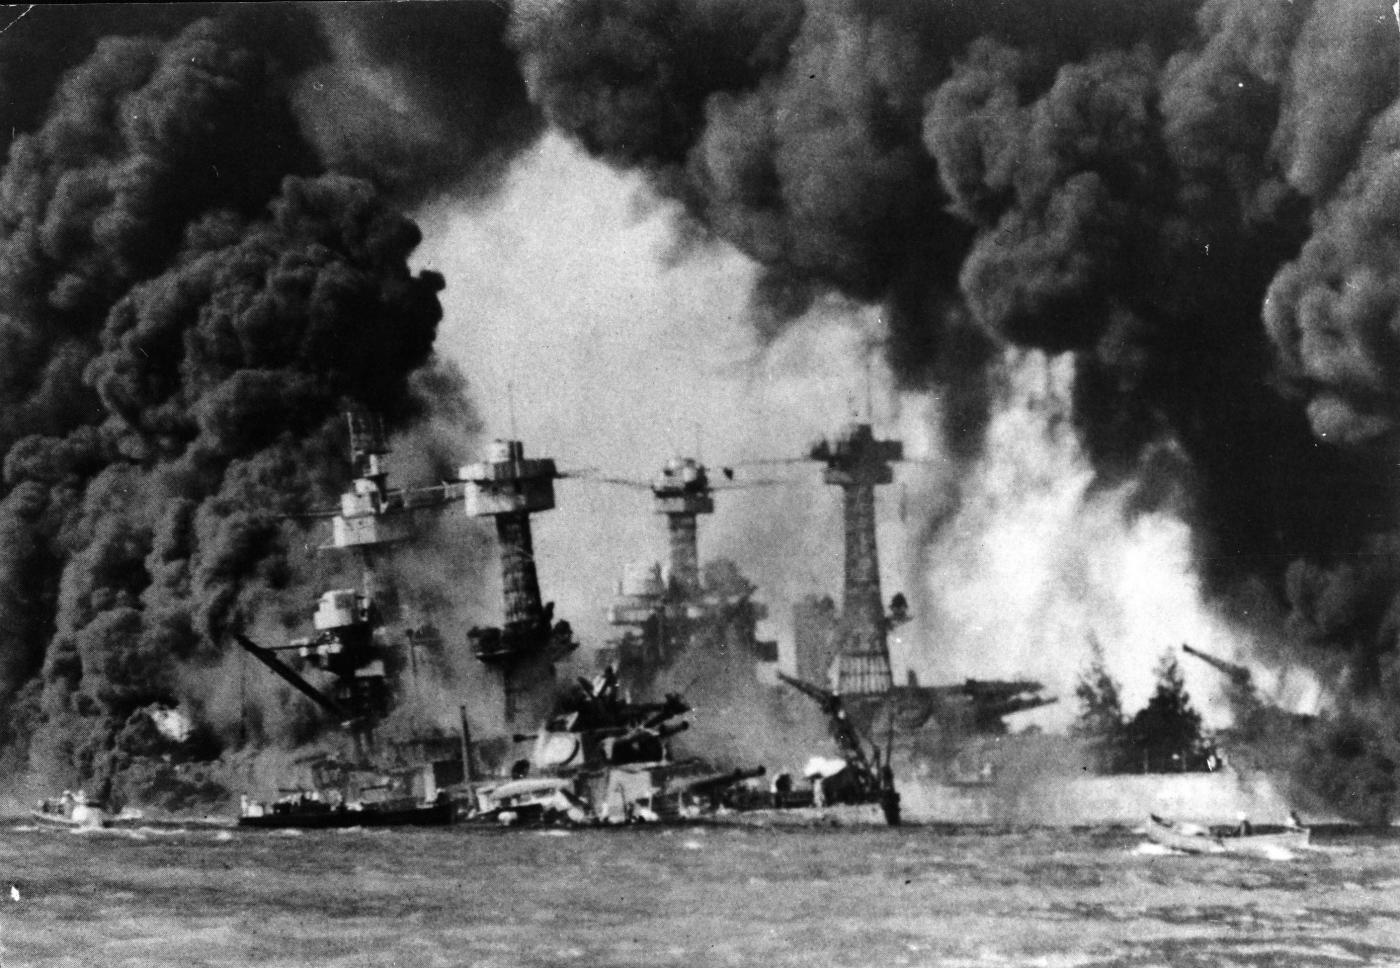 Il gelo, il silenzio, poi l'ordine: così l'Impero giapponese attaccò l'America